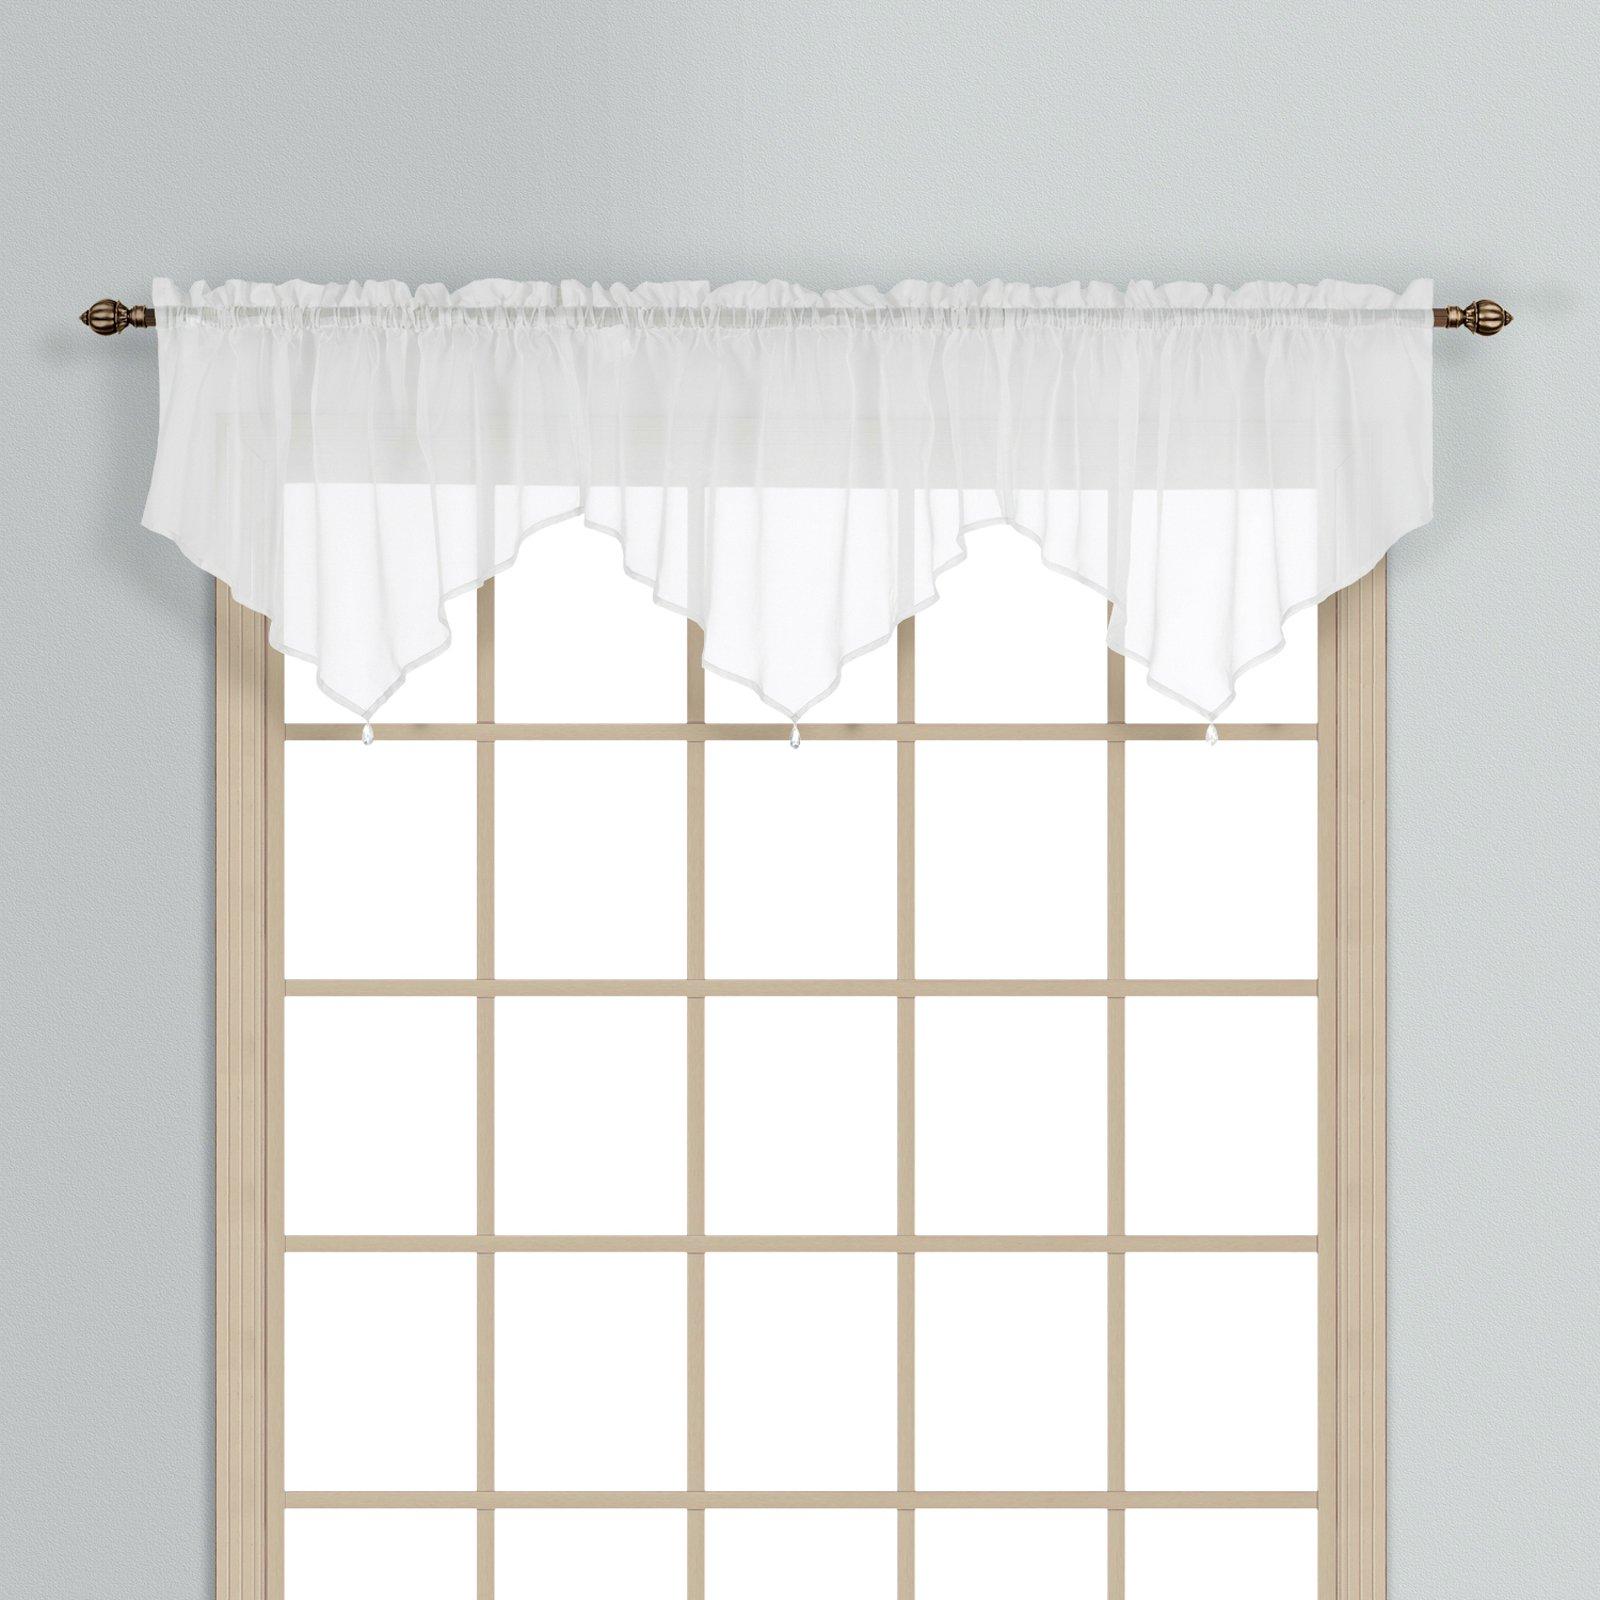 Mocha Micro Striped Semi Sheer Window Curtain Pieces Valance Regarding Micro Striped Semi Sheer Window Curtain Pieces (View 15 of 20)